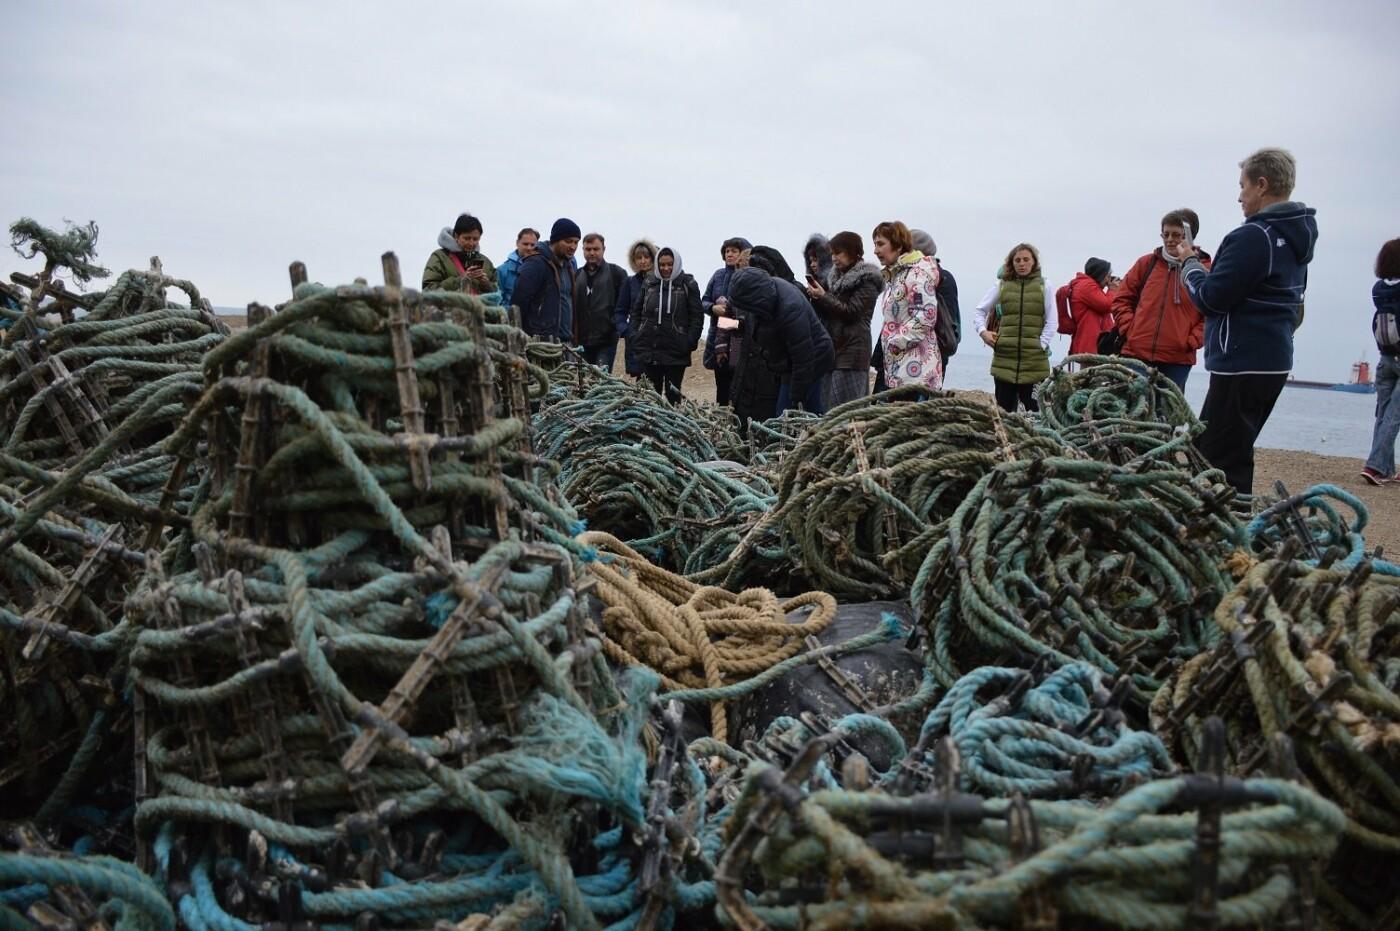 Нескучный понедельник: экскурсоводы Ялтинского региона побывали  на устричной ферме в бухте Ласпи, фото-5